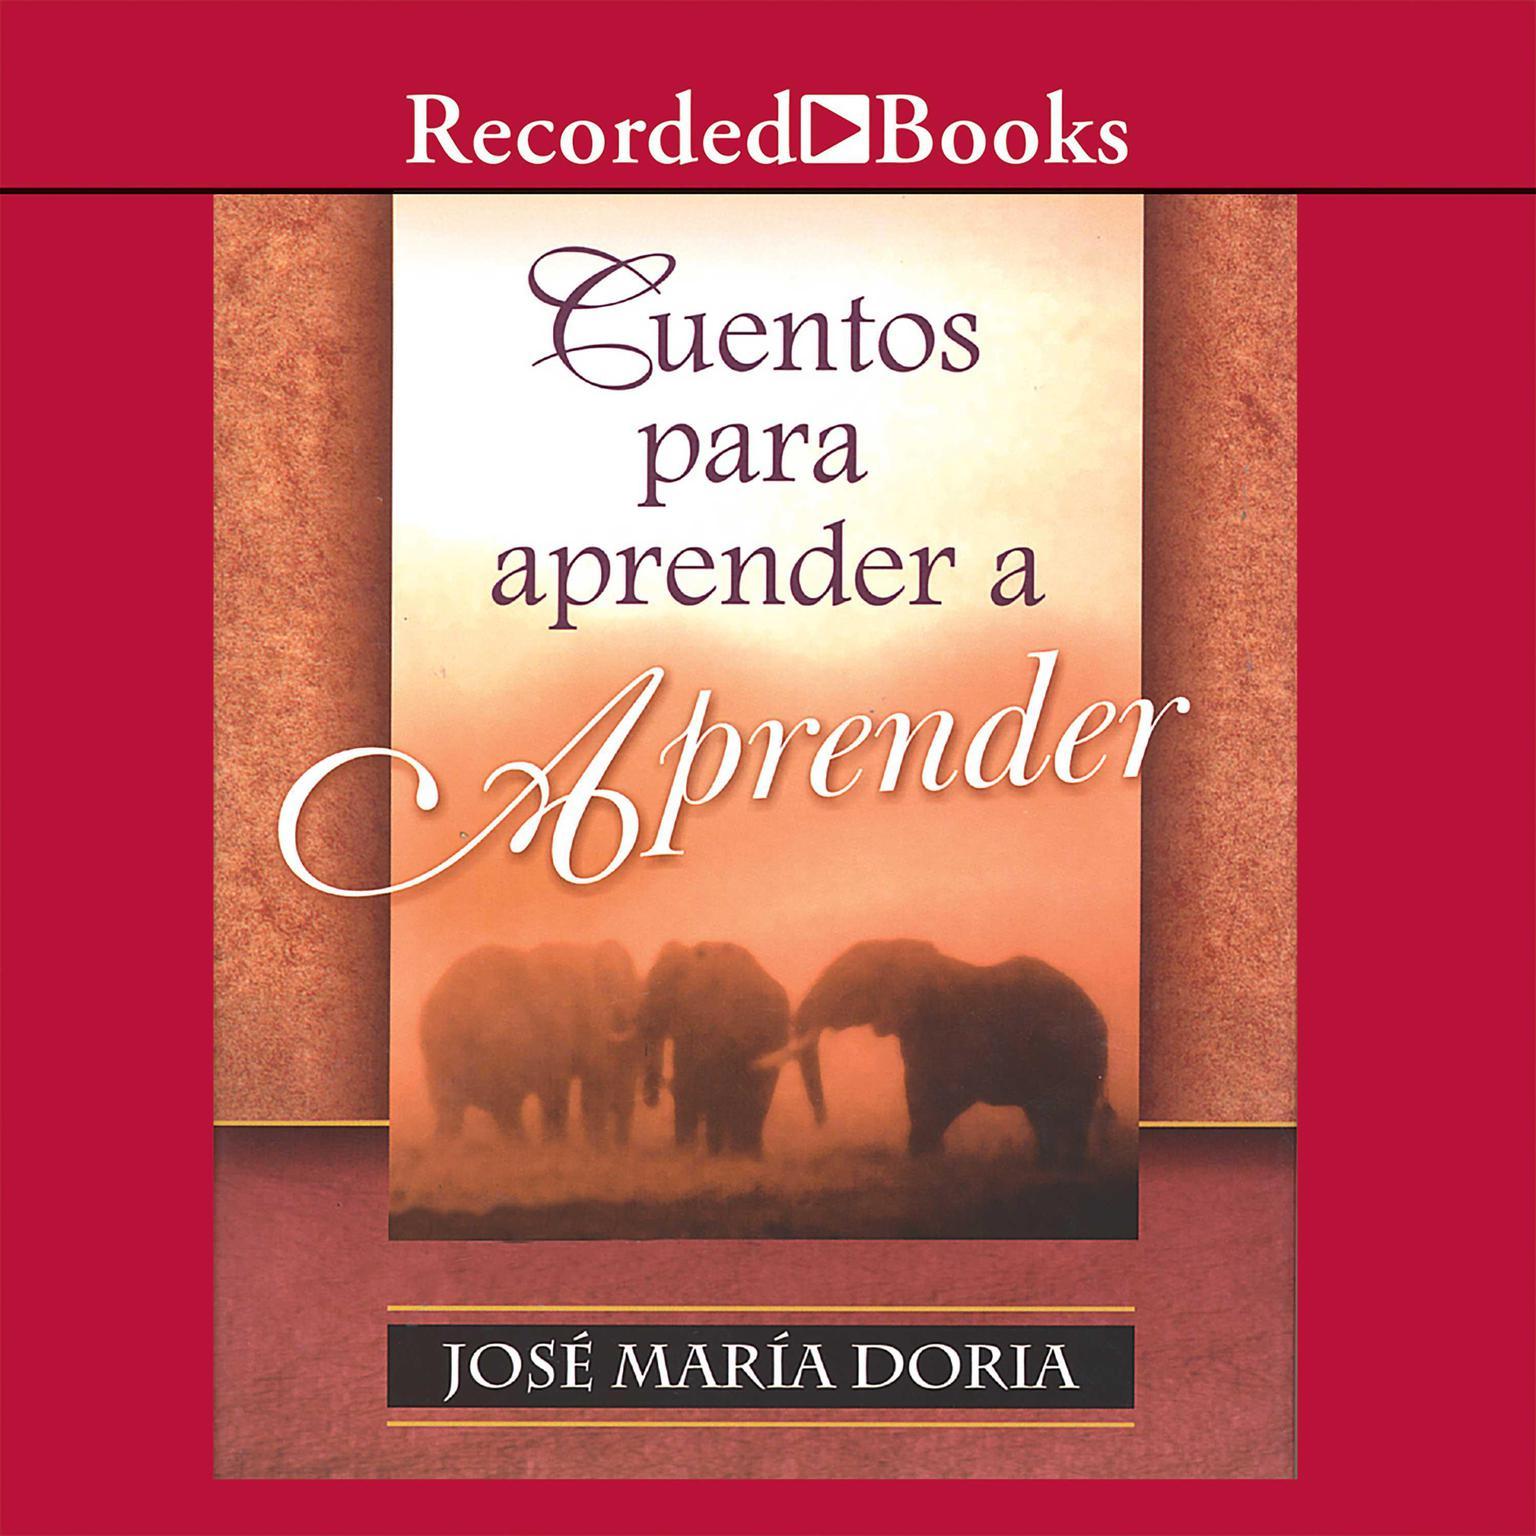 Printable Cuentos para aprender a aprend Audiobook Cover Art